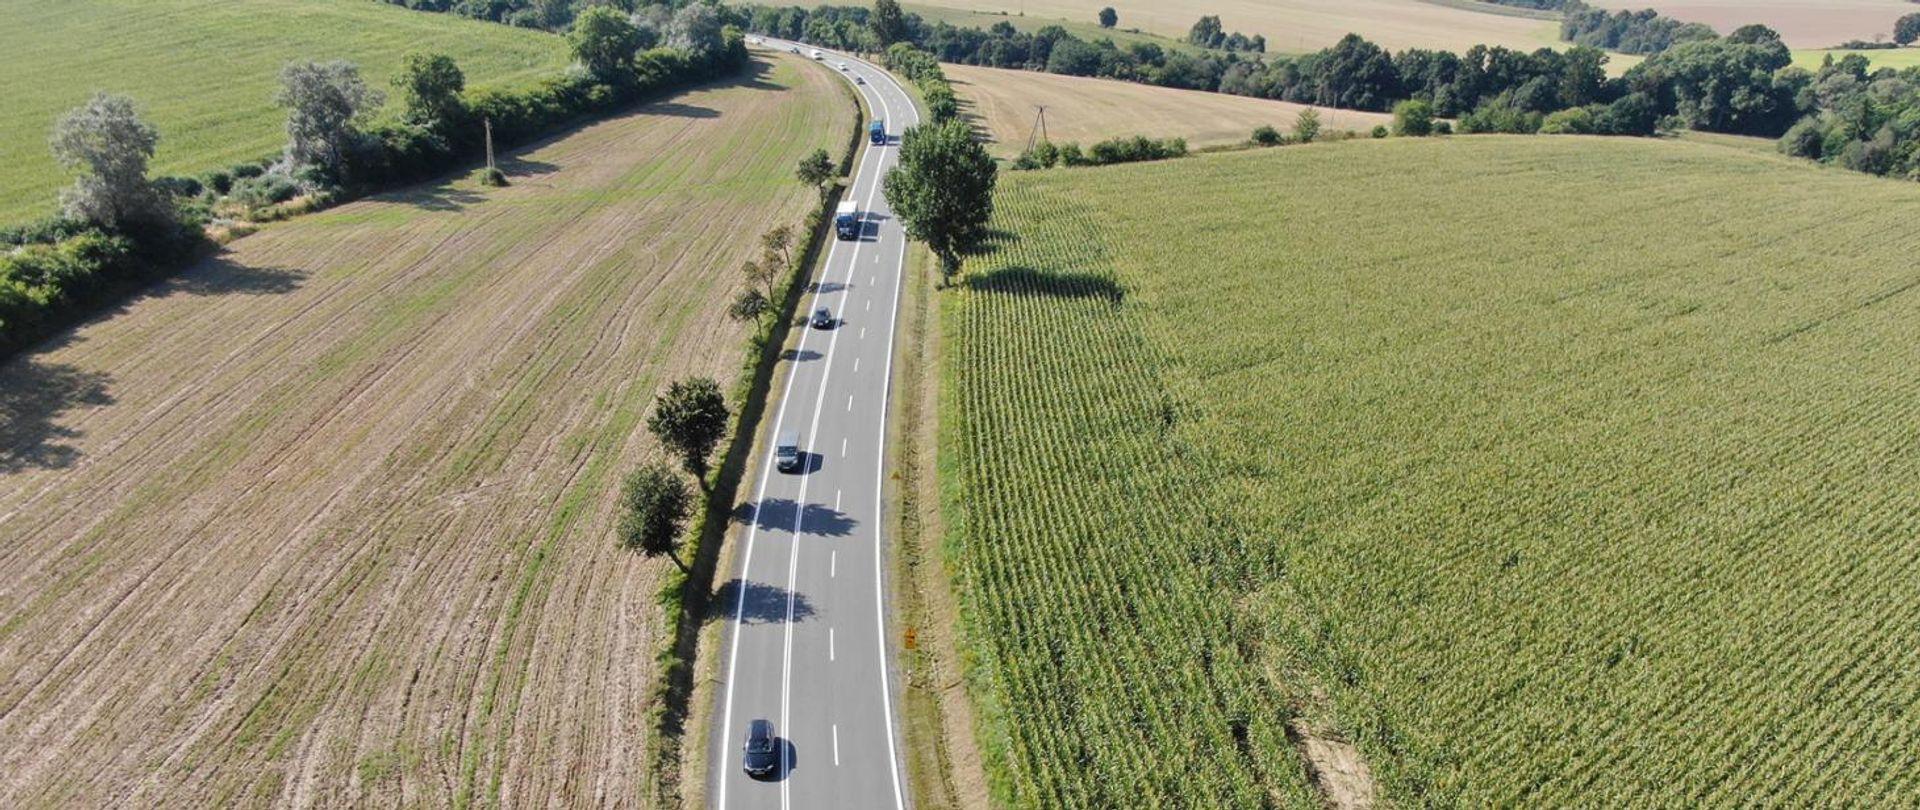 Jest decyzja środowiskowa dla przebiegu trasy S8 od Barda do Ząbkowic Śląskich